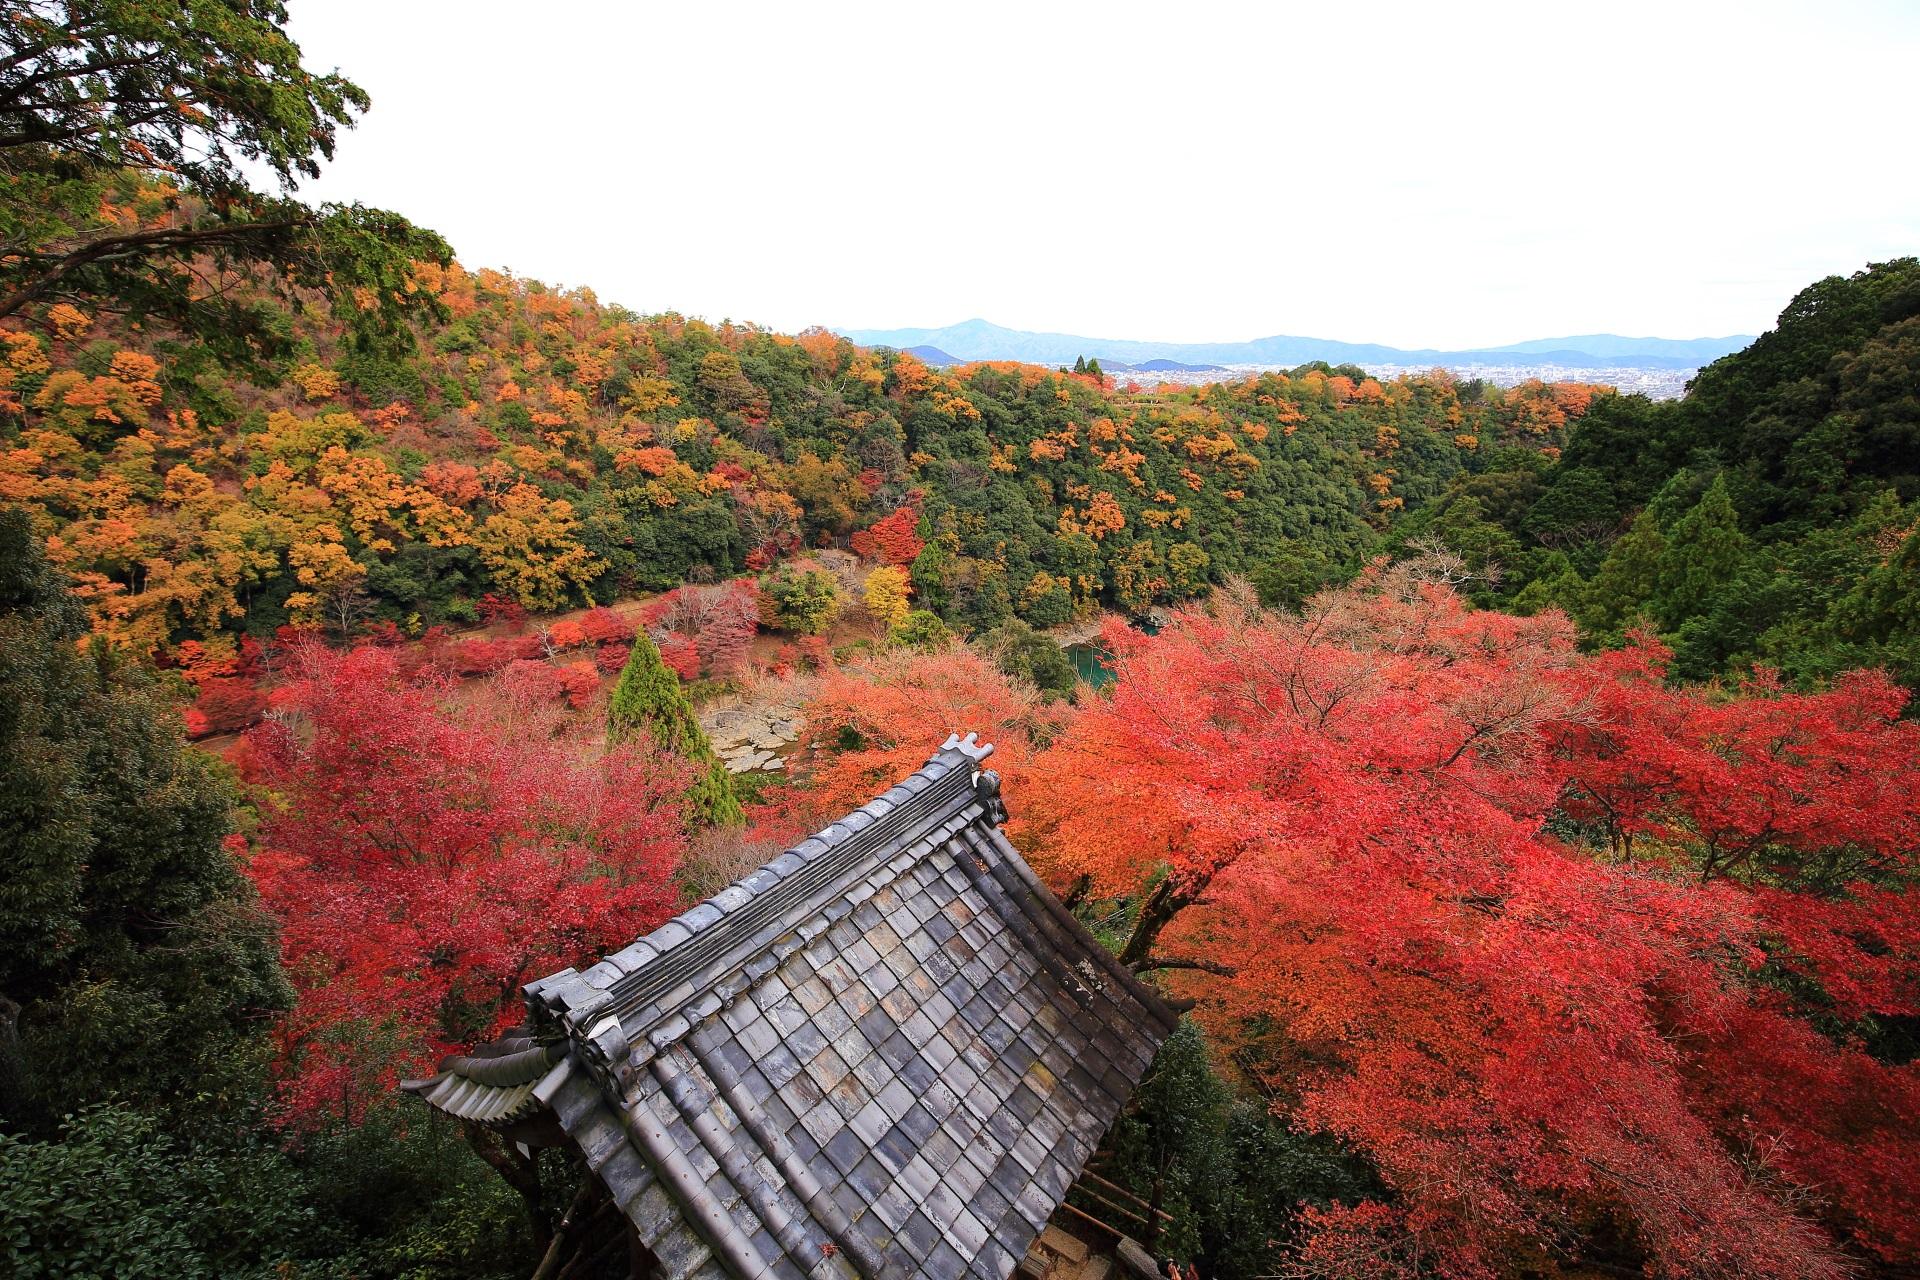 大悲閣から眺めた眼下に広がる秋色の絶景